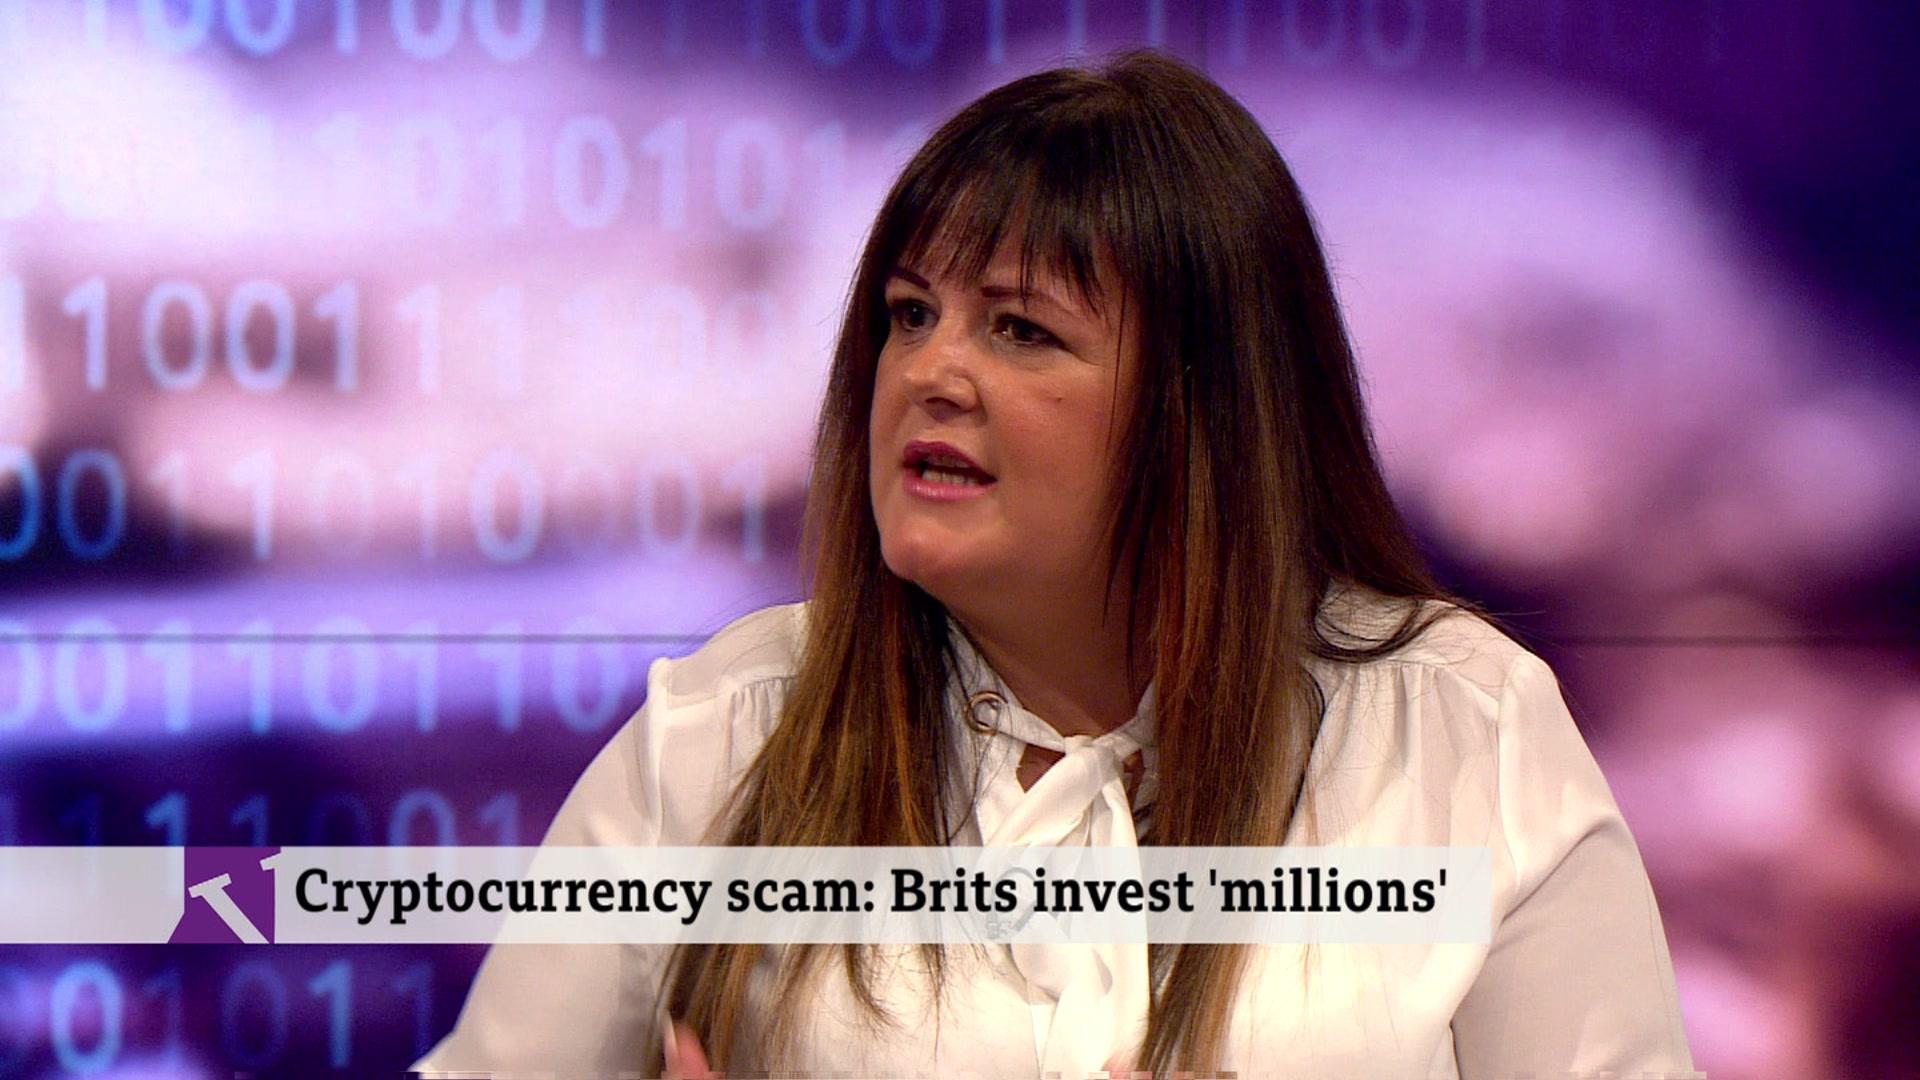 Džen Makadam u emisiju Viktorije Derbišajer na BBC-ju/BBC